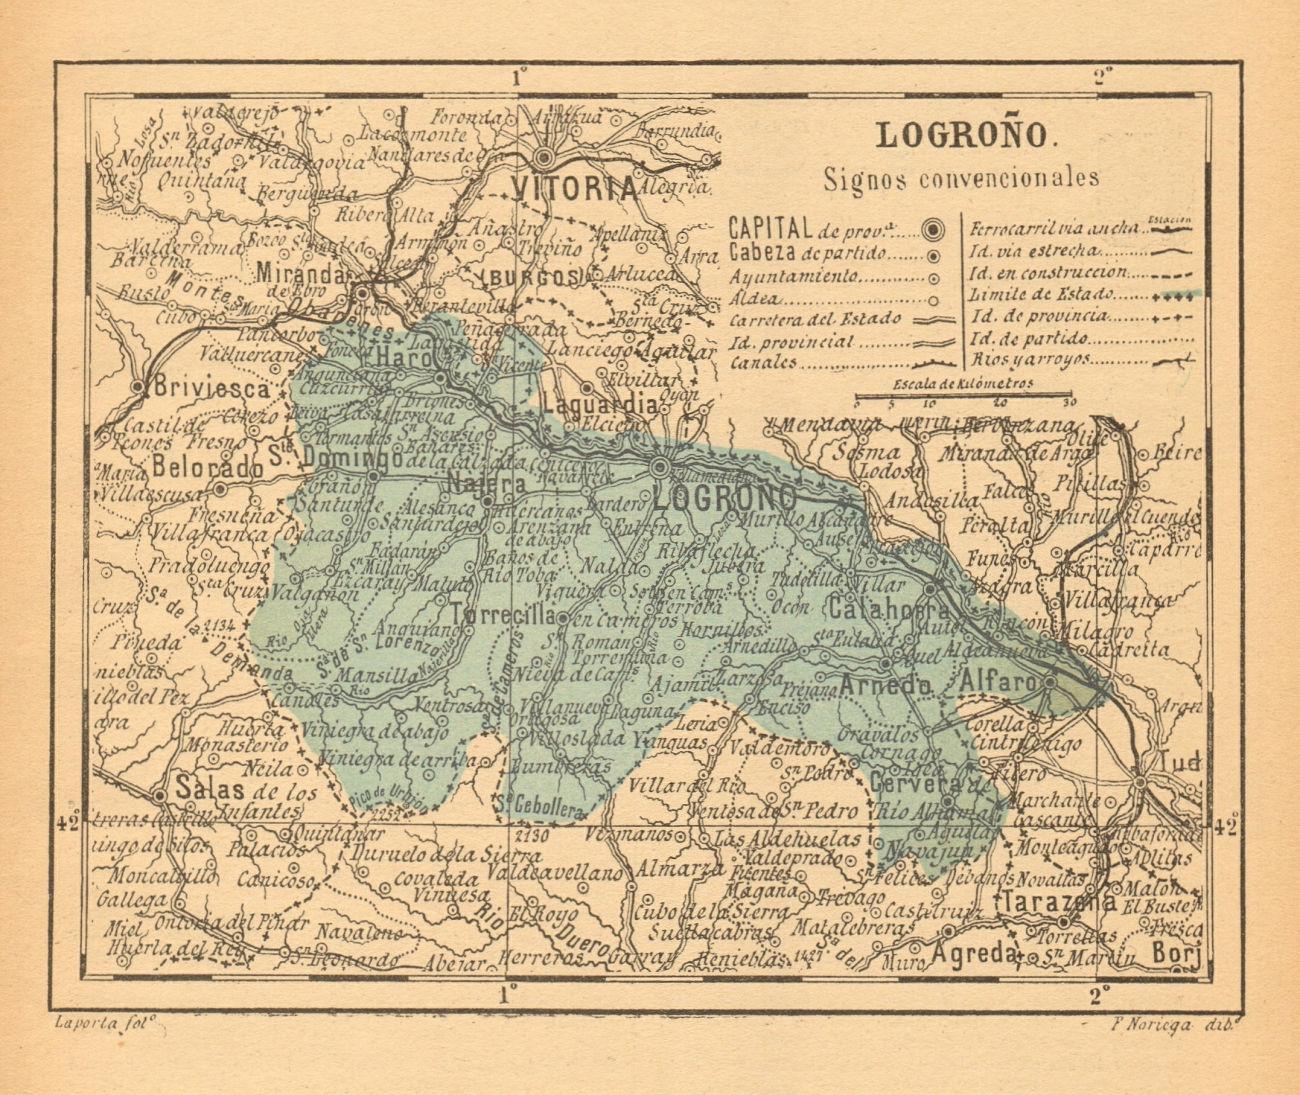 LA RIOJA. Logroño Logrono. Mapa antiguo de la provincia 1914 old antique